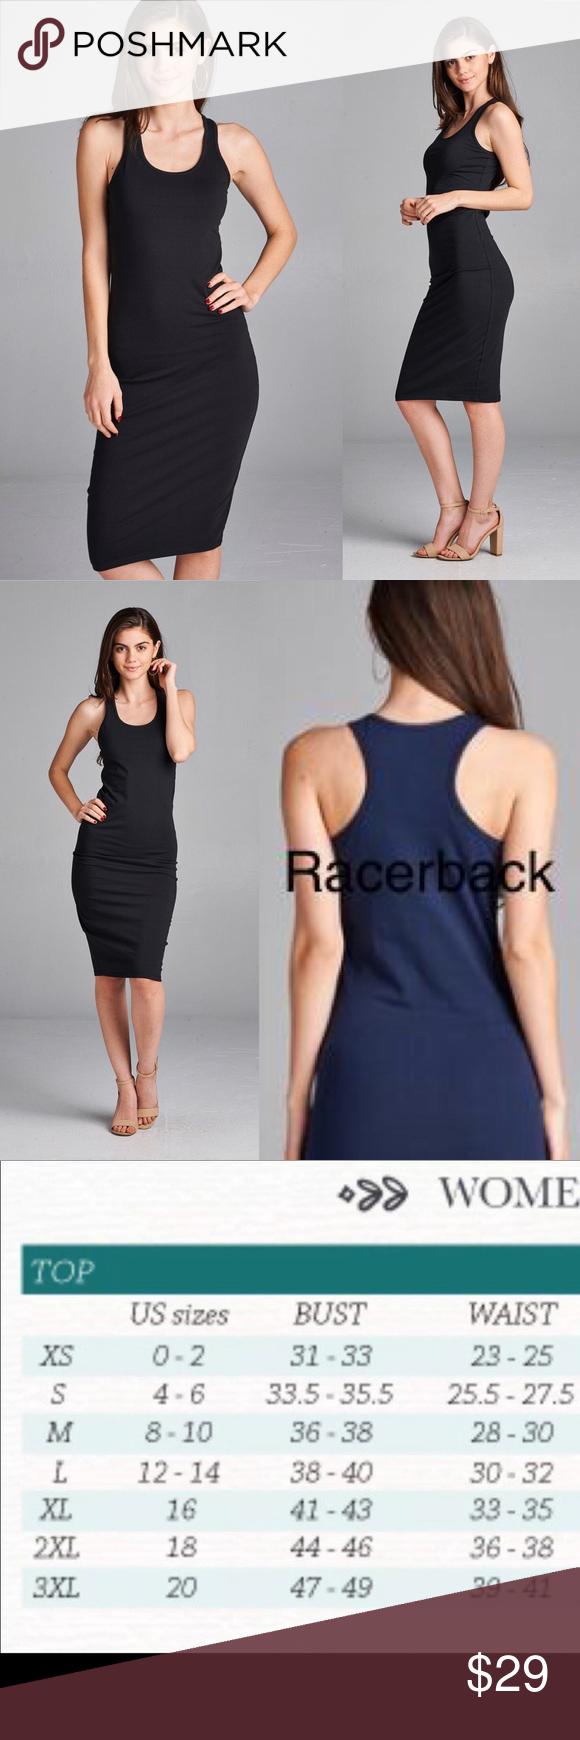 New Small Black Midi Bodycon Black Dress Racerback Bodycon Fashion Midi Dress Sleeveless Black Bodycon Dress [ 1740 x 580 Pixel ]